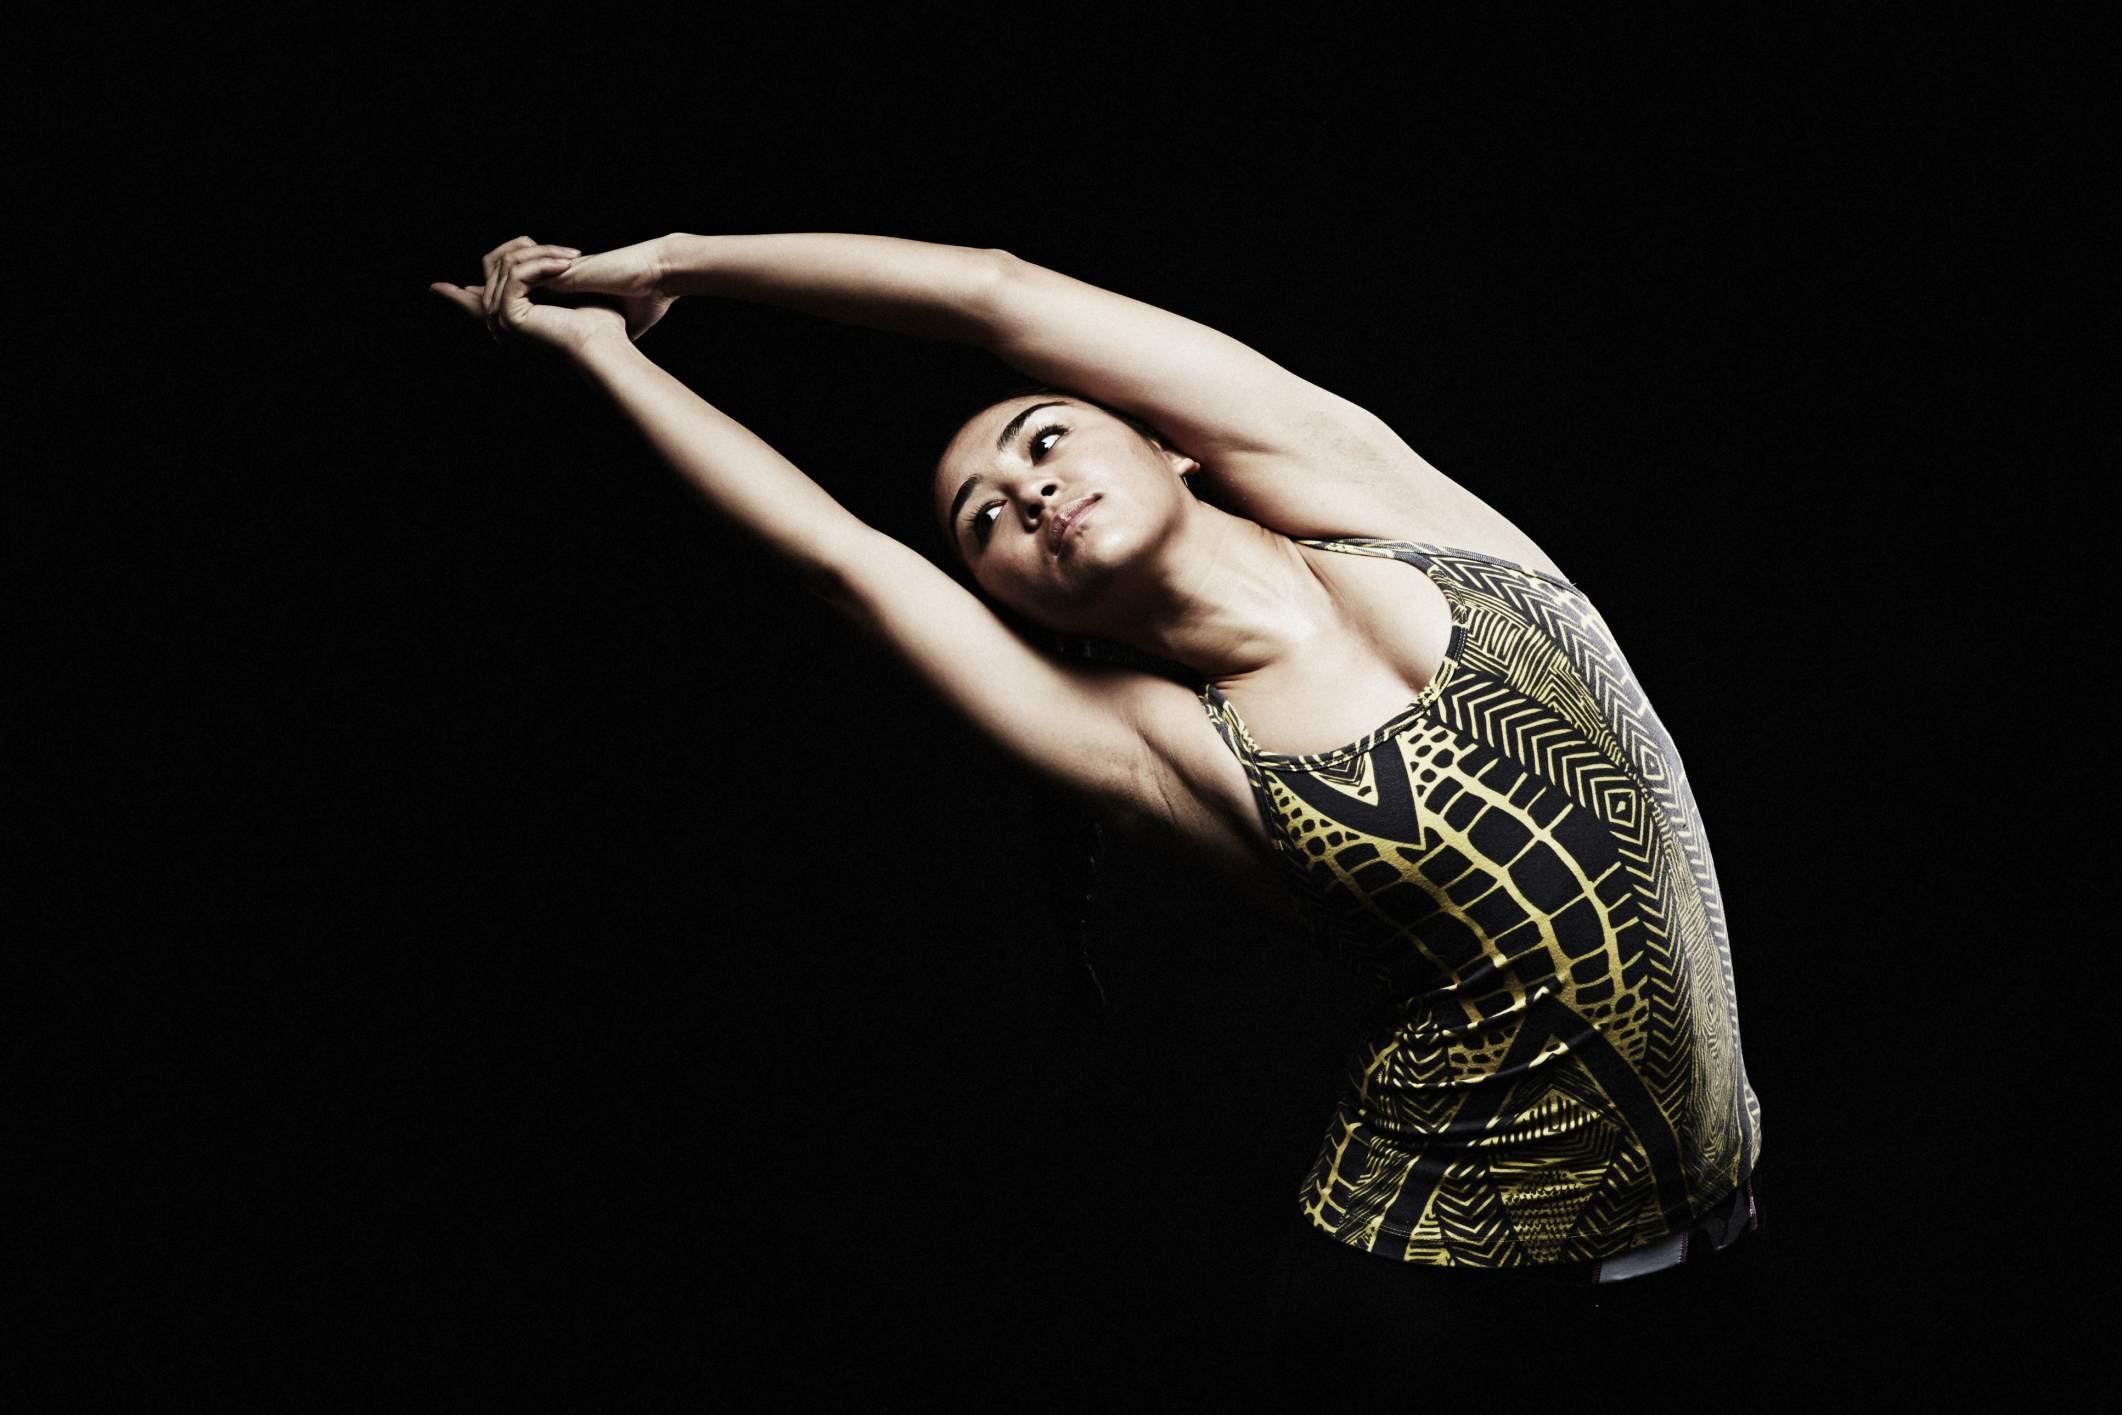 Descubre 10 consejos para bailar mejor y tener mayor flexibilidad.